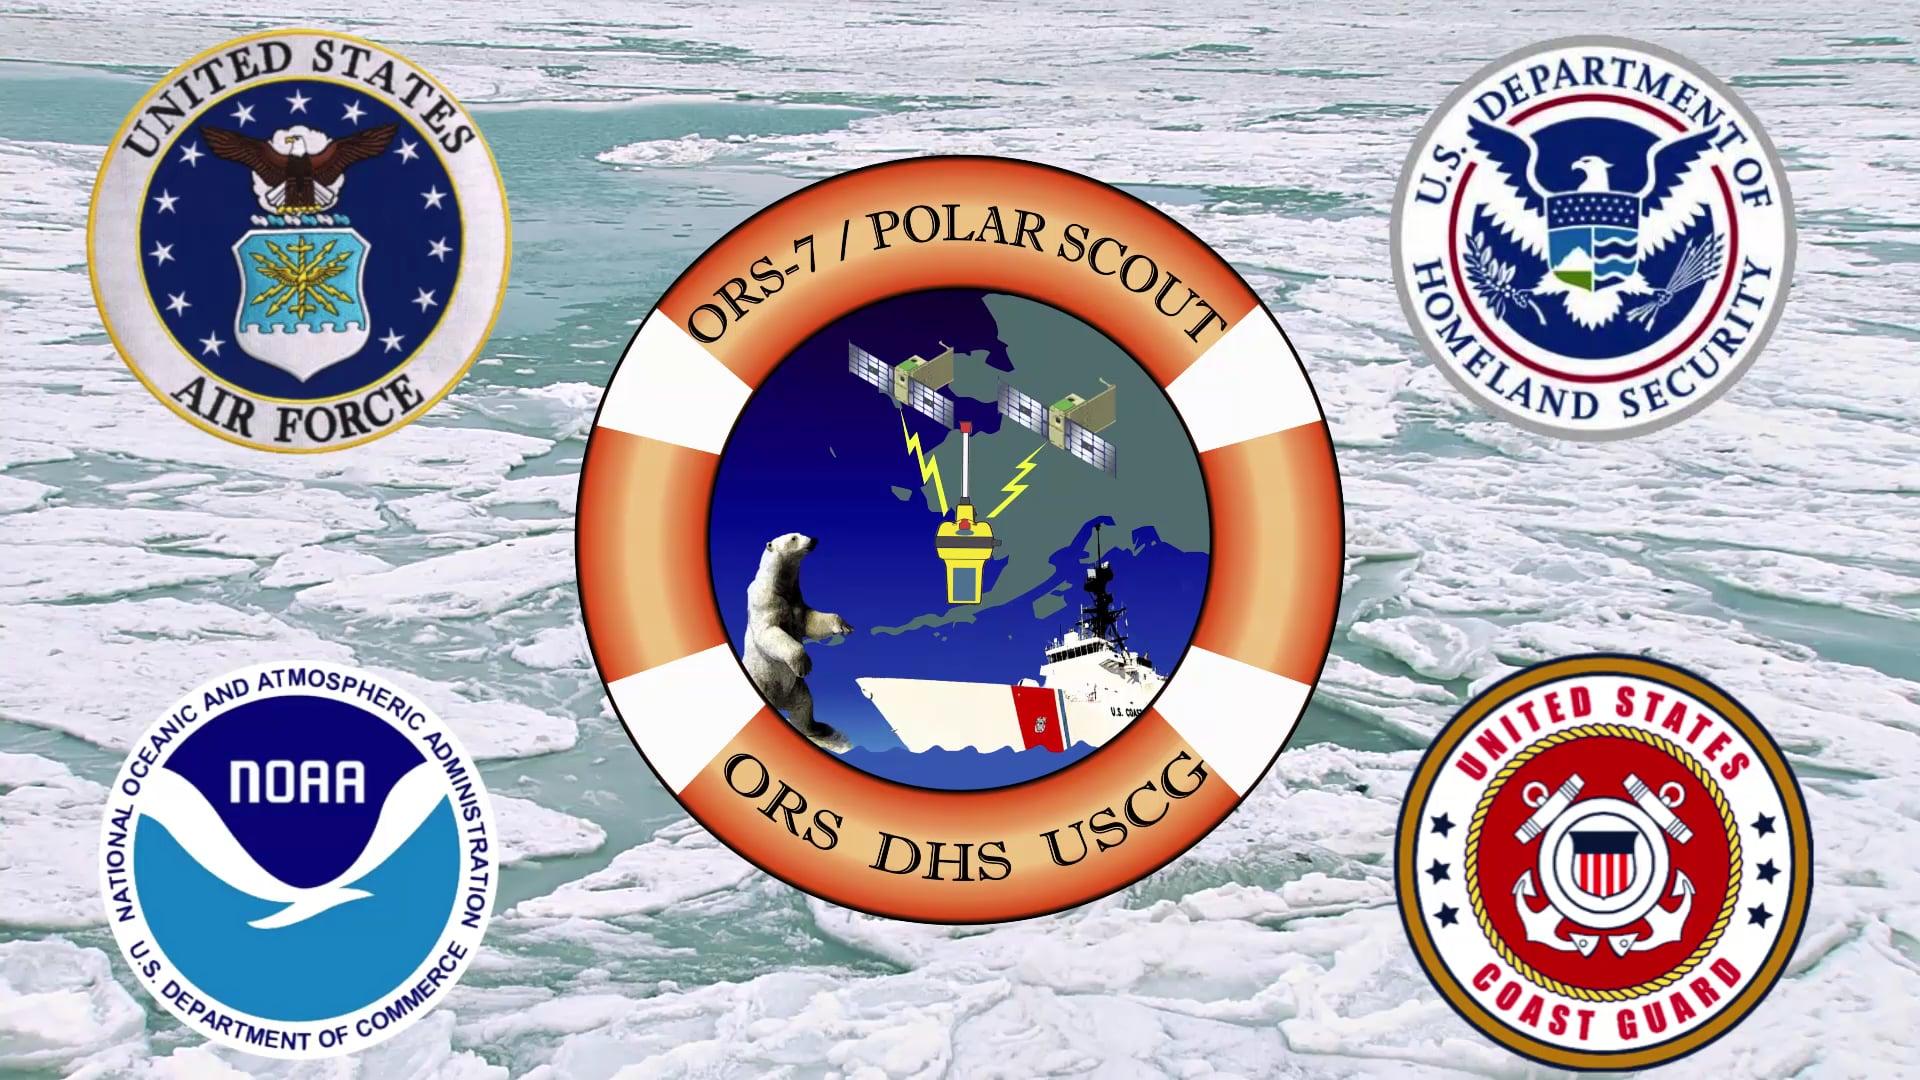 Polar Scout Final Cut Update